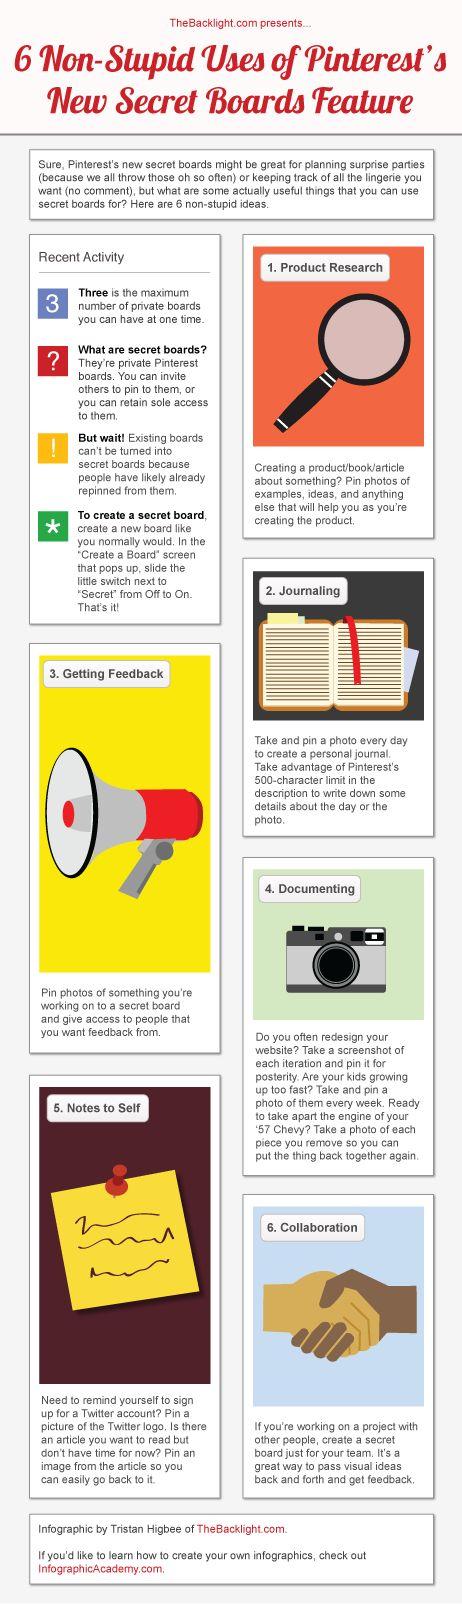 """#pinterest: 6 modi per utilizzare efficacemente gli """"secret boards»"""